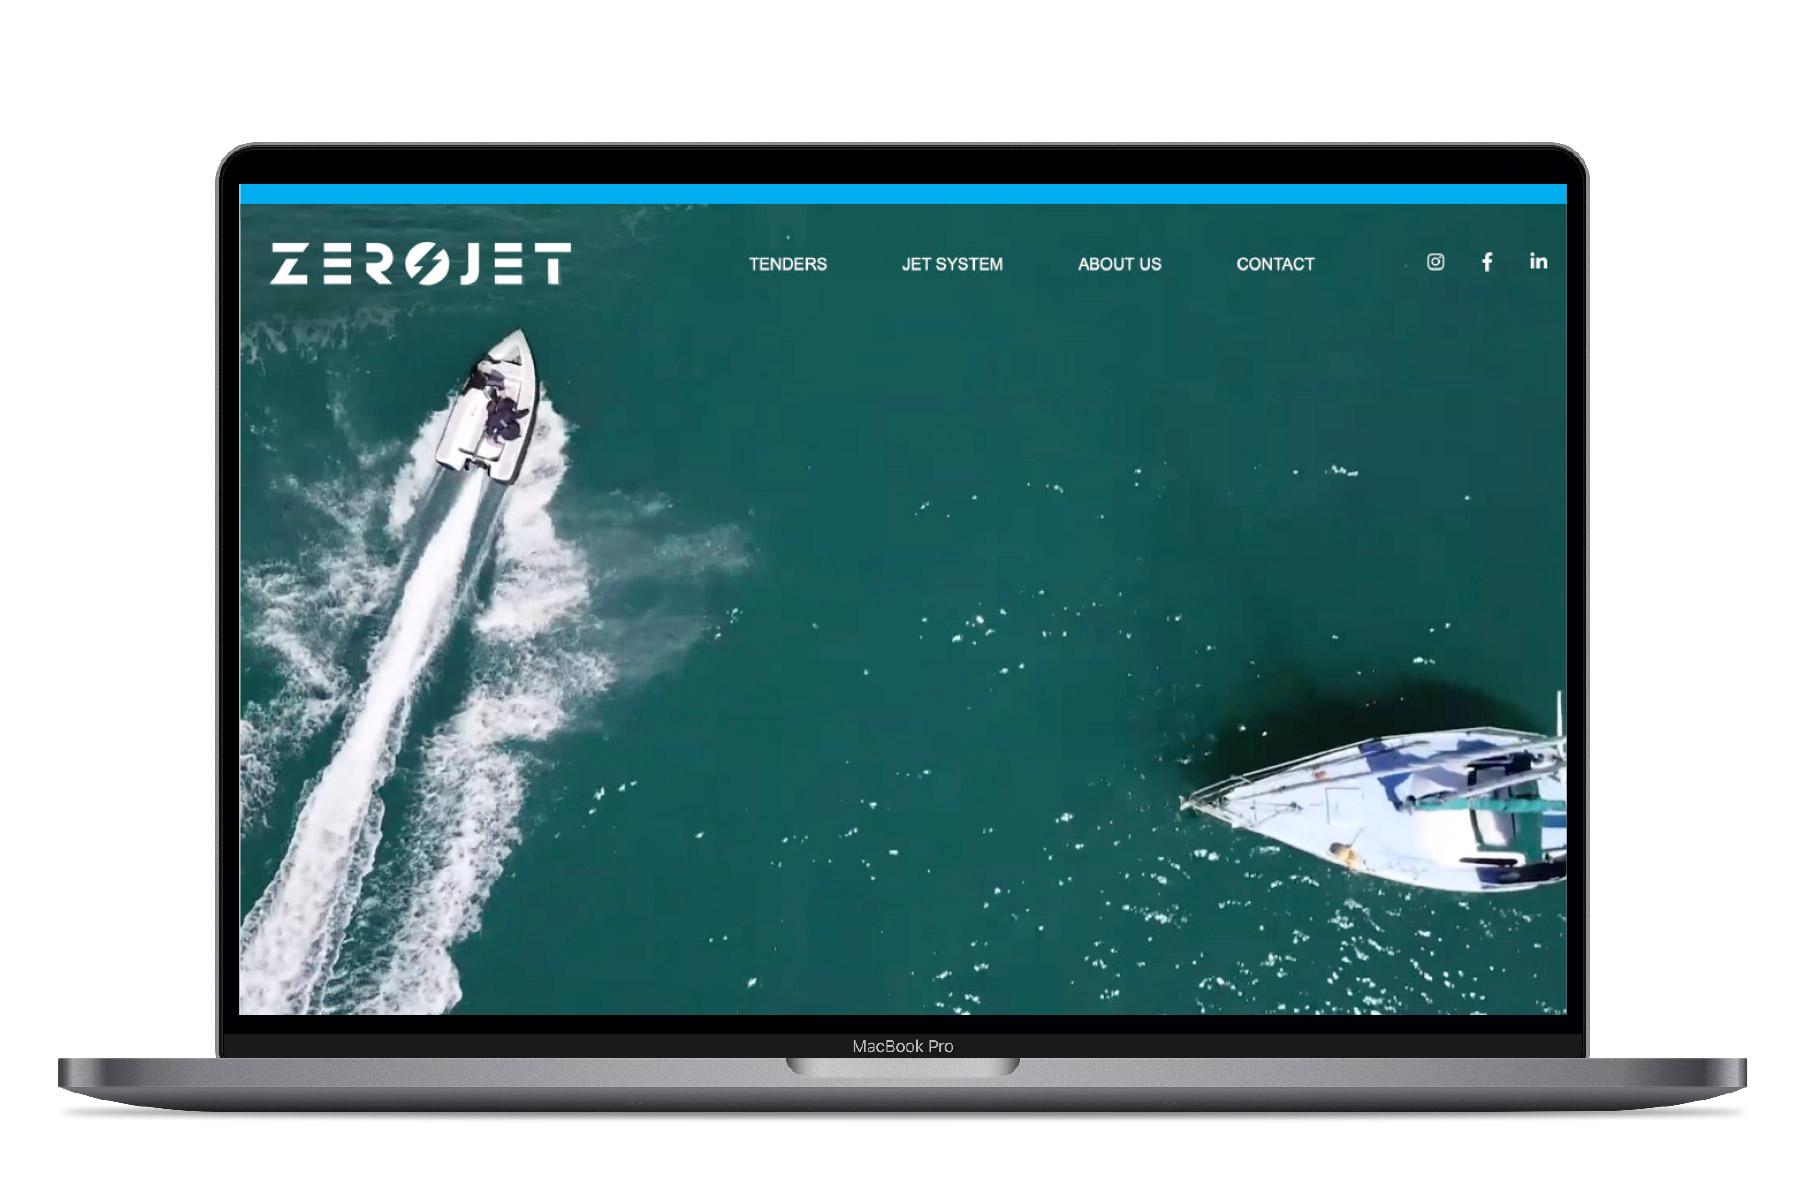 ZeroJet_Website